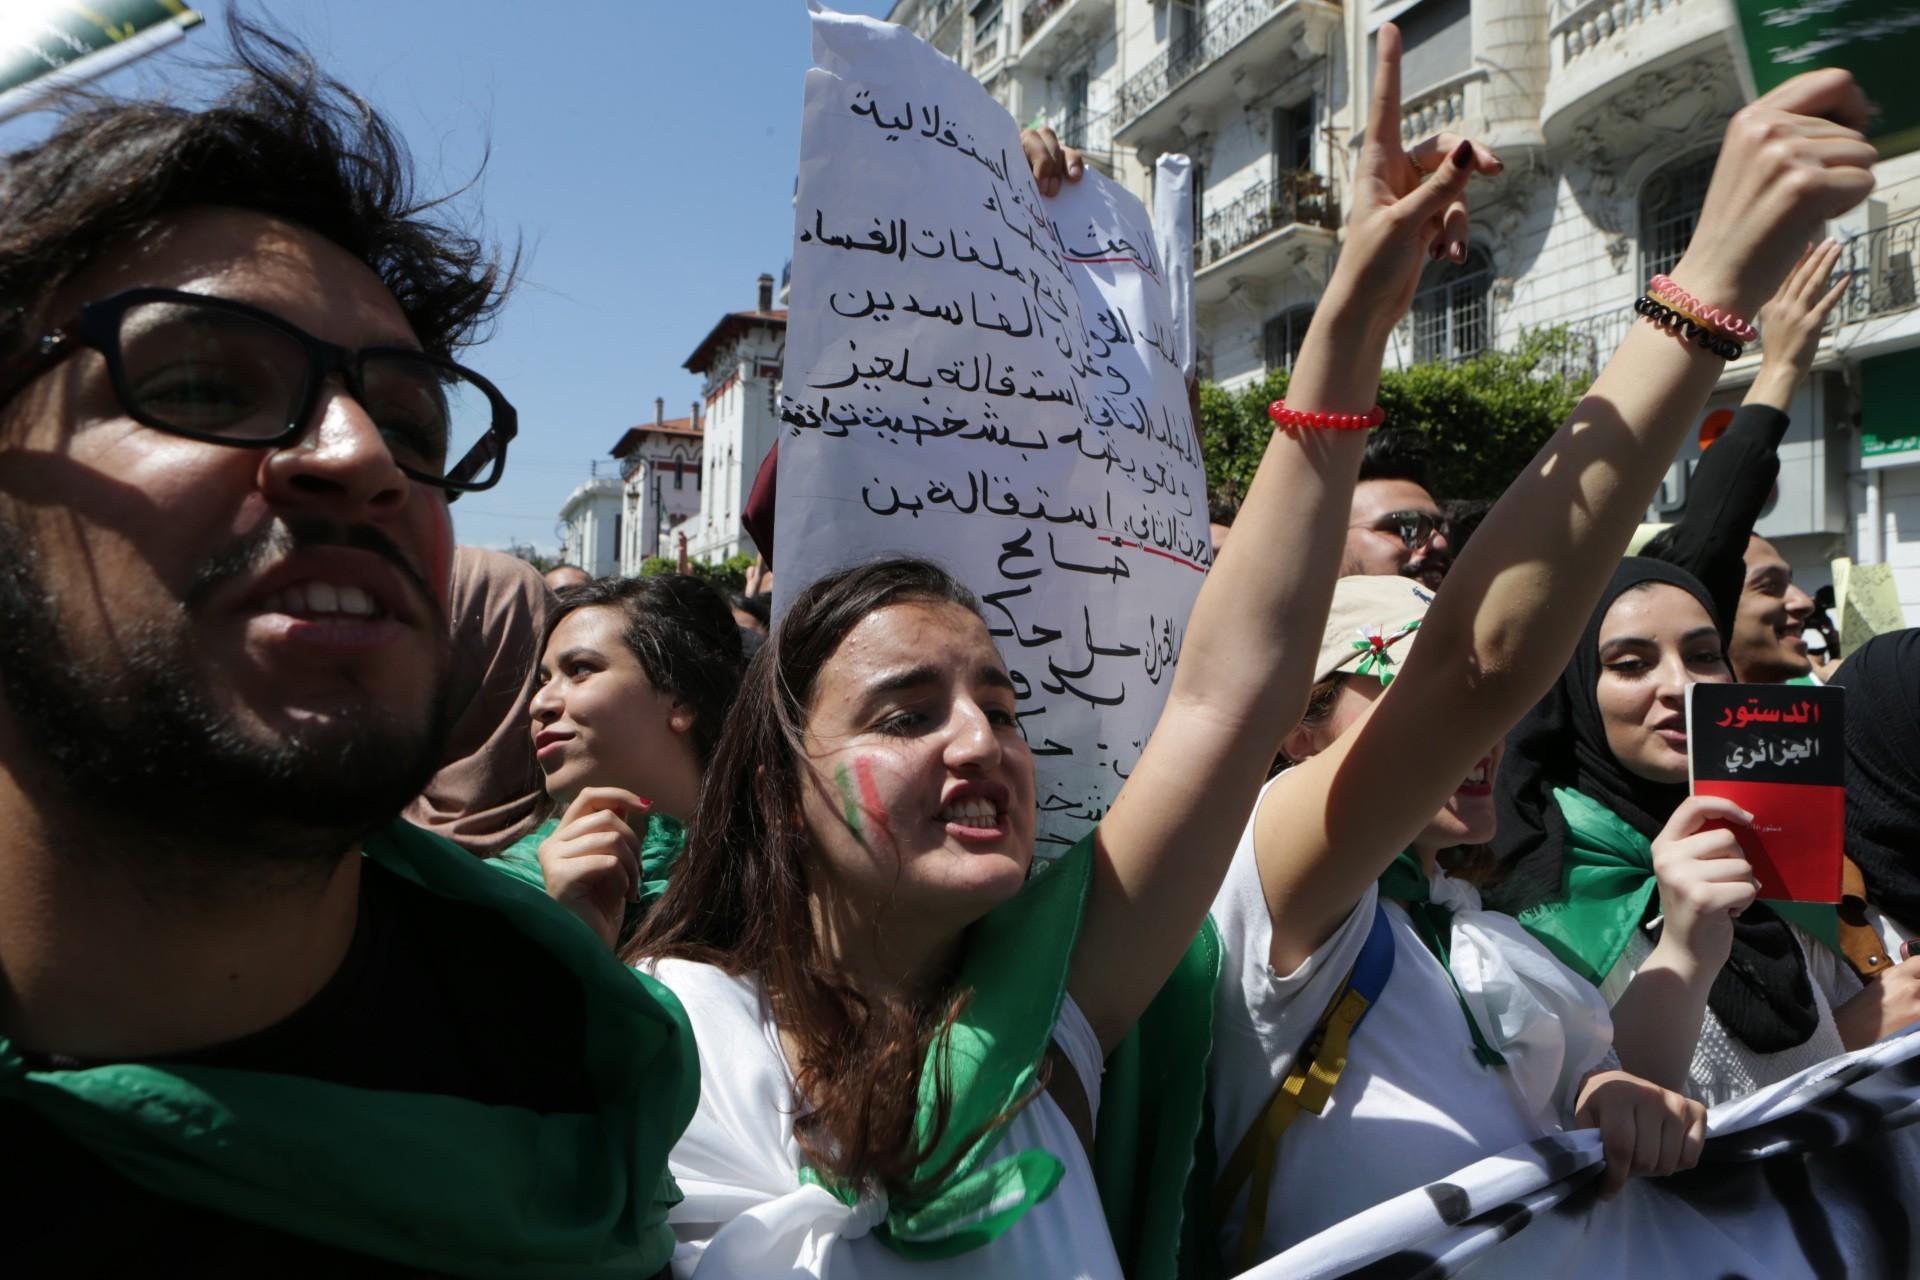 Cezayir Genelkurmay Başkanı eylem yapan halkı tehdit etti